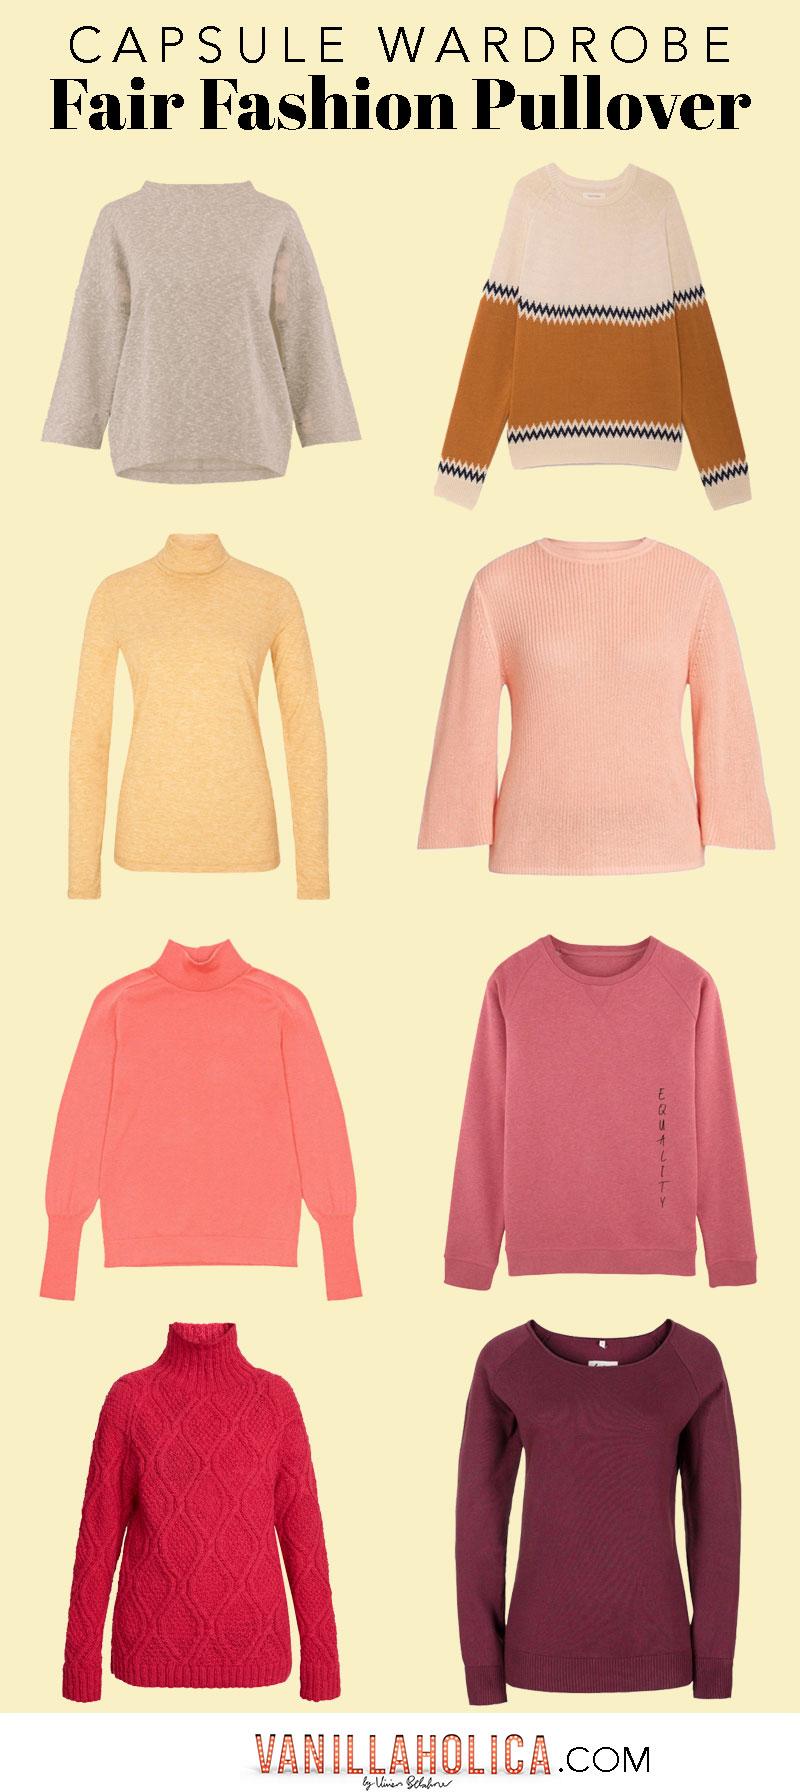 5156e465e4bceb Minimalistischer Kleiderschrank    Basic Fair Fashion Pullover